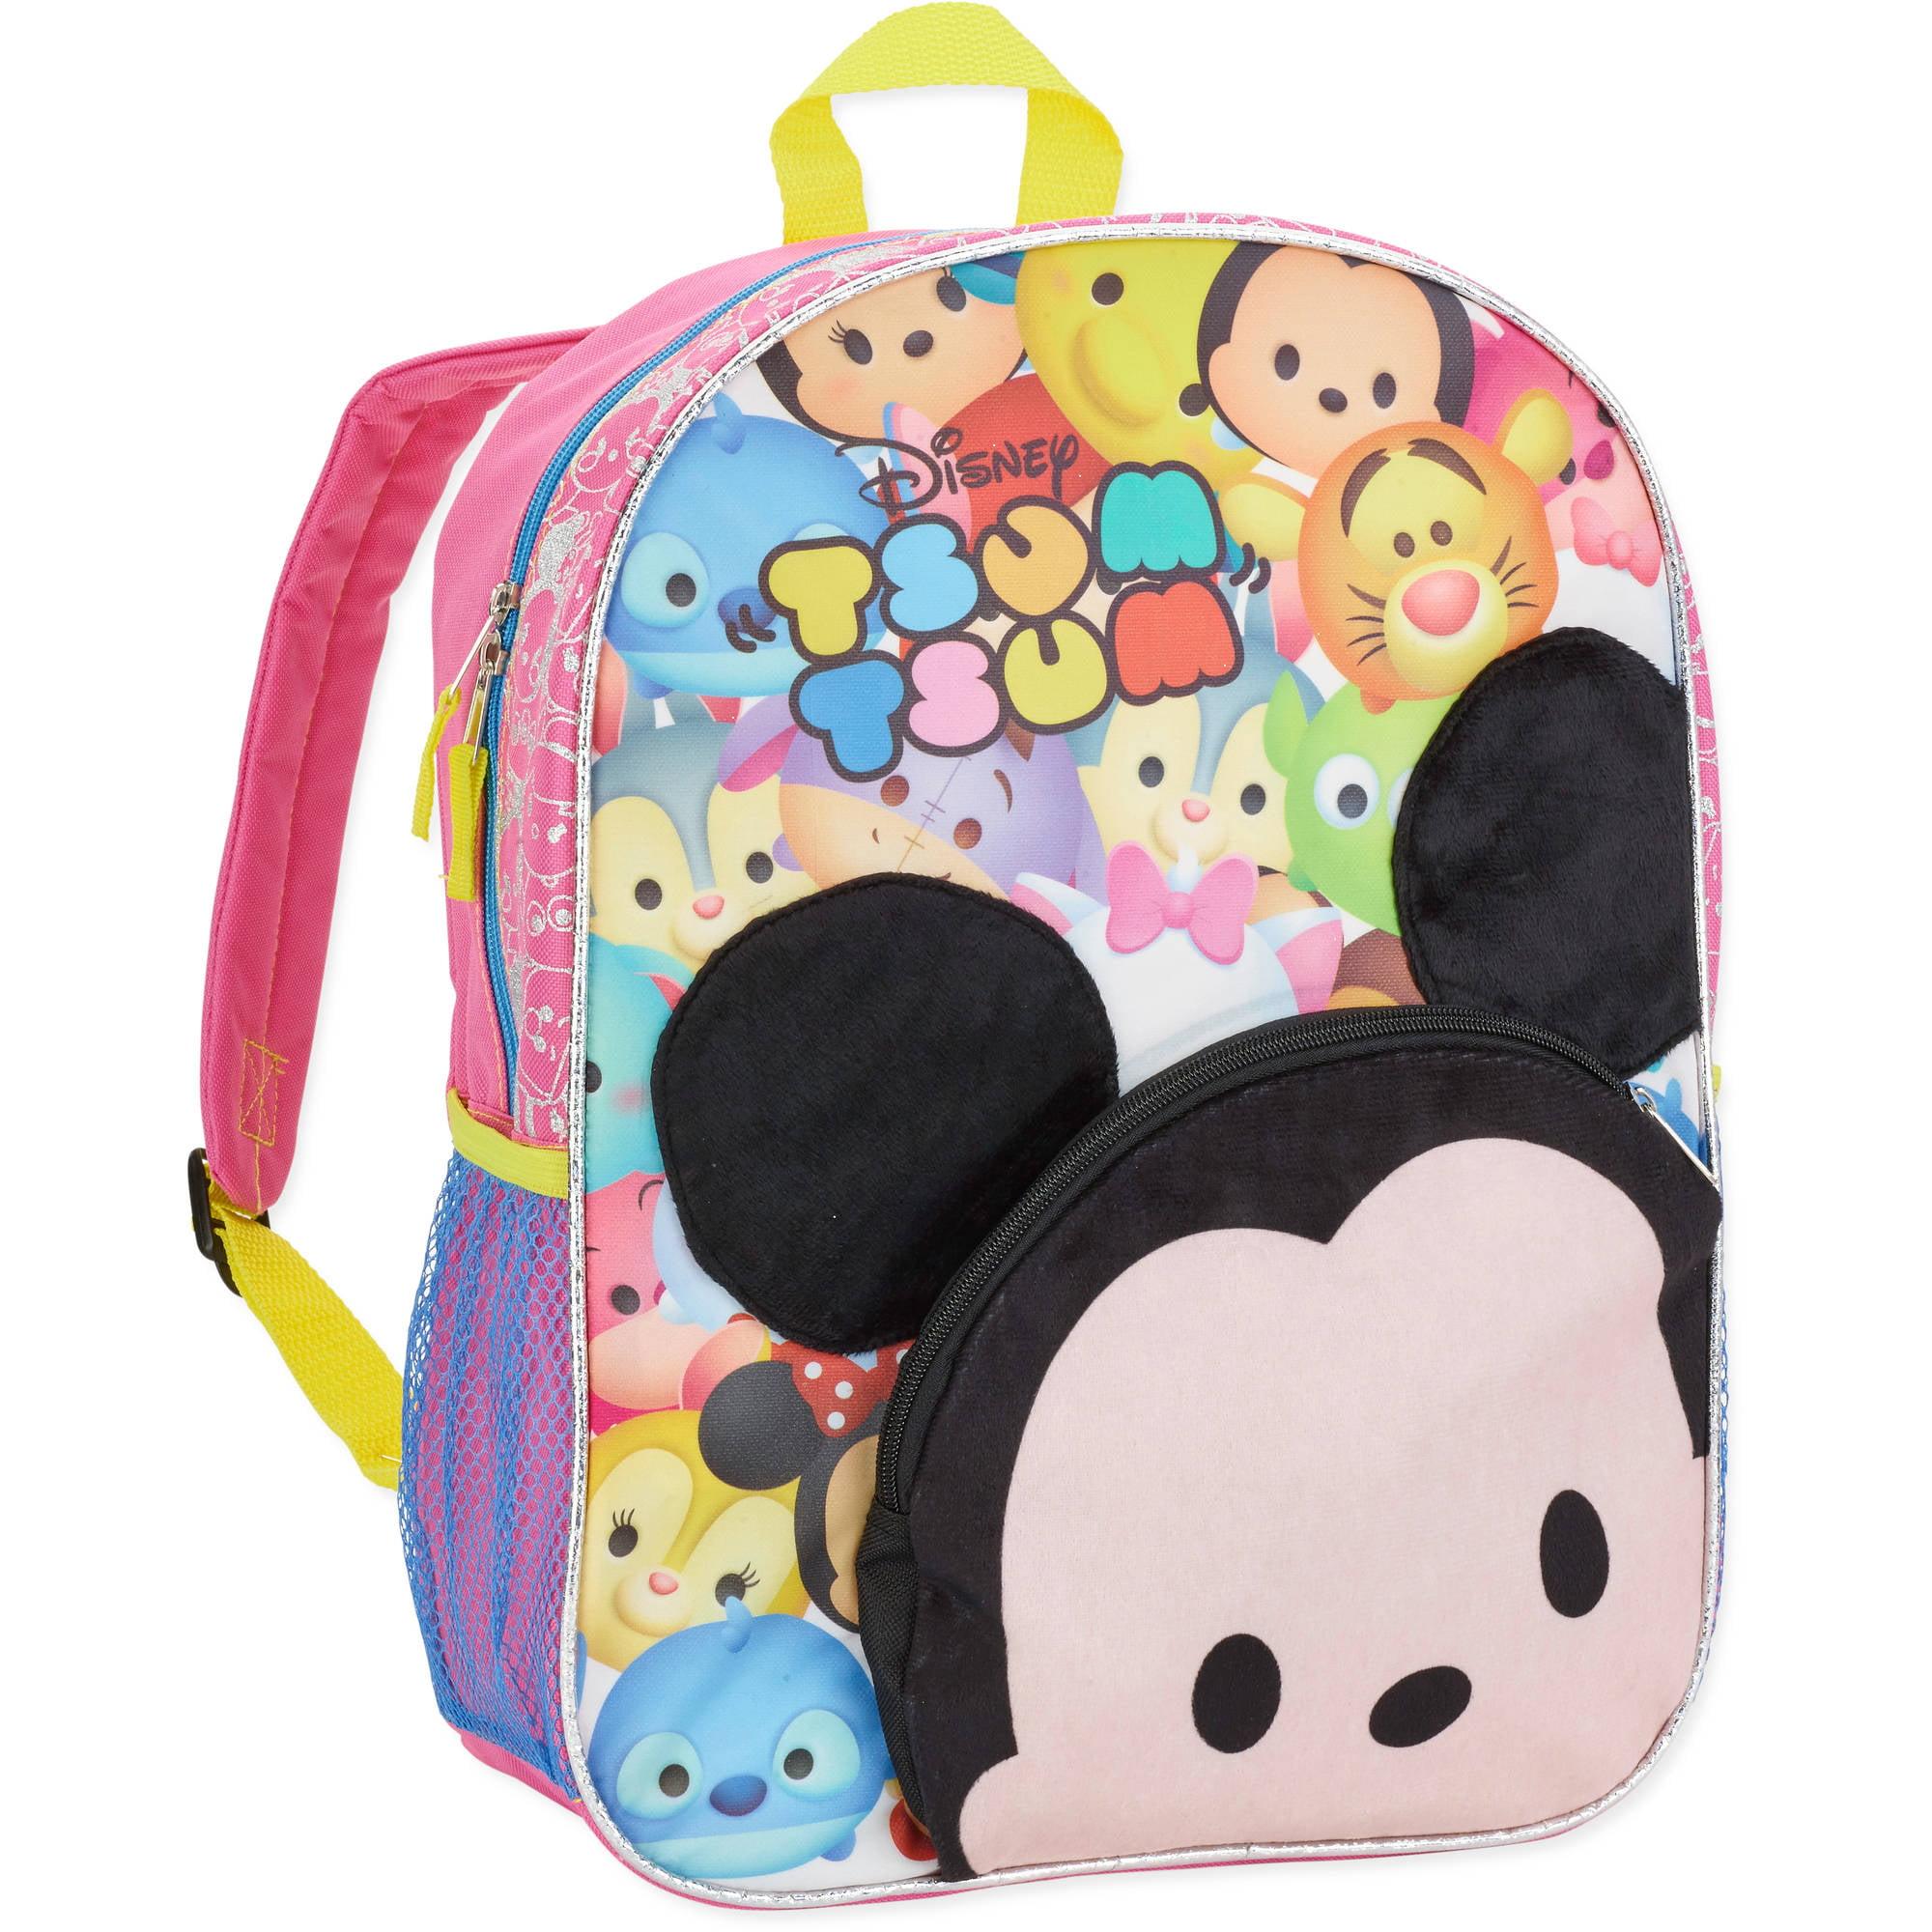 93fa3d08745a Disney Tsum Tsum Super Cute Backpack - Walmart.com